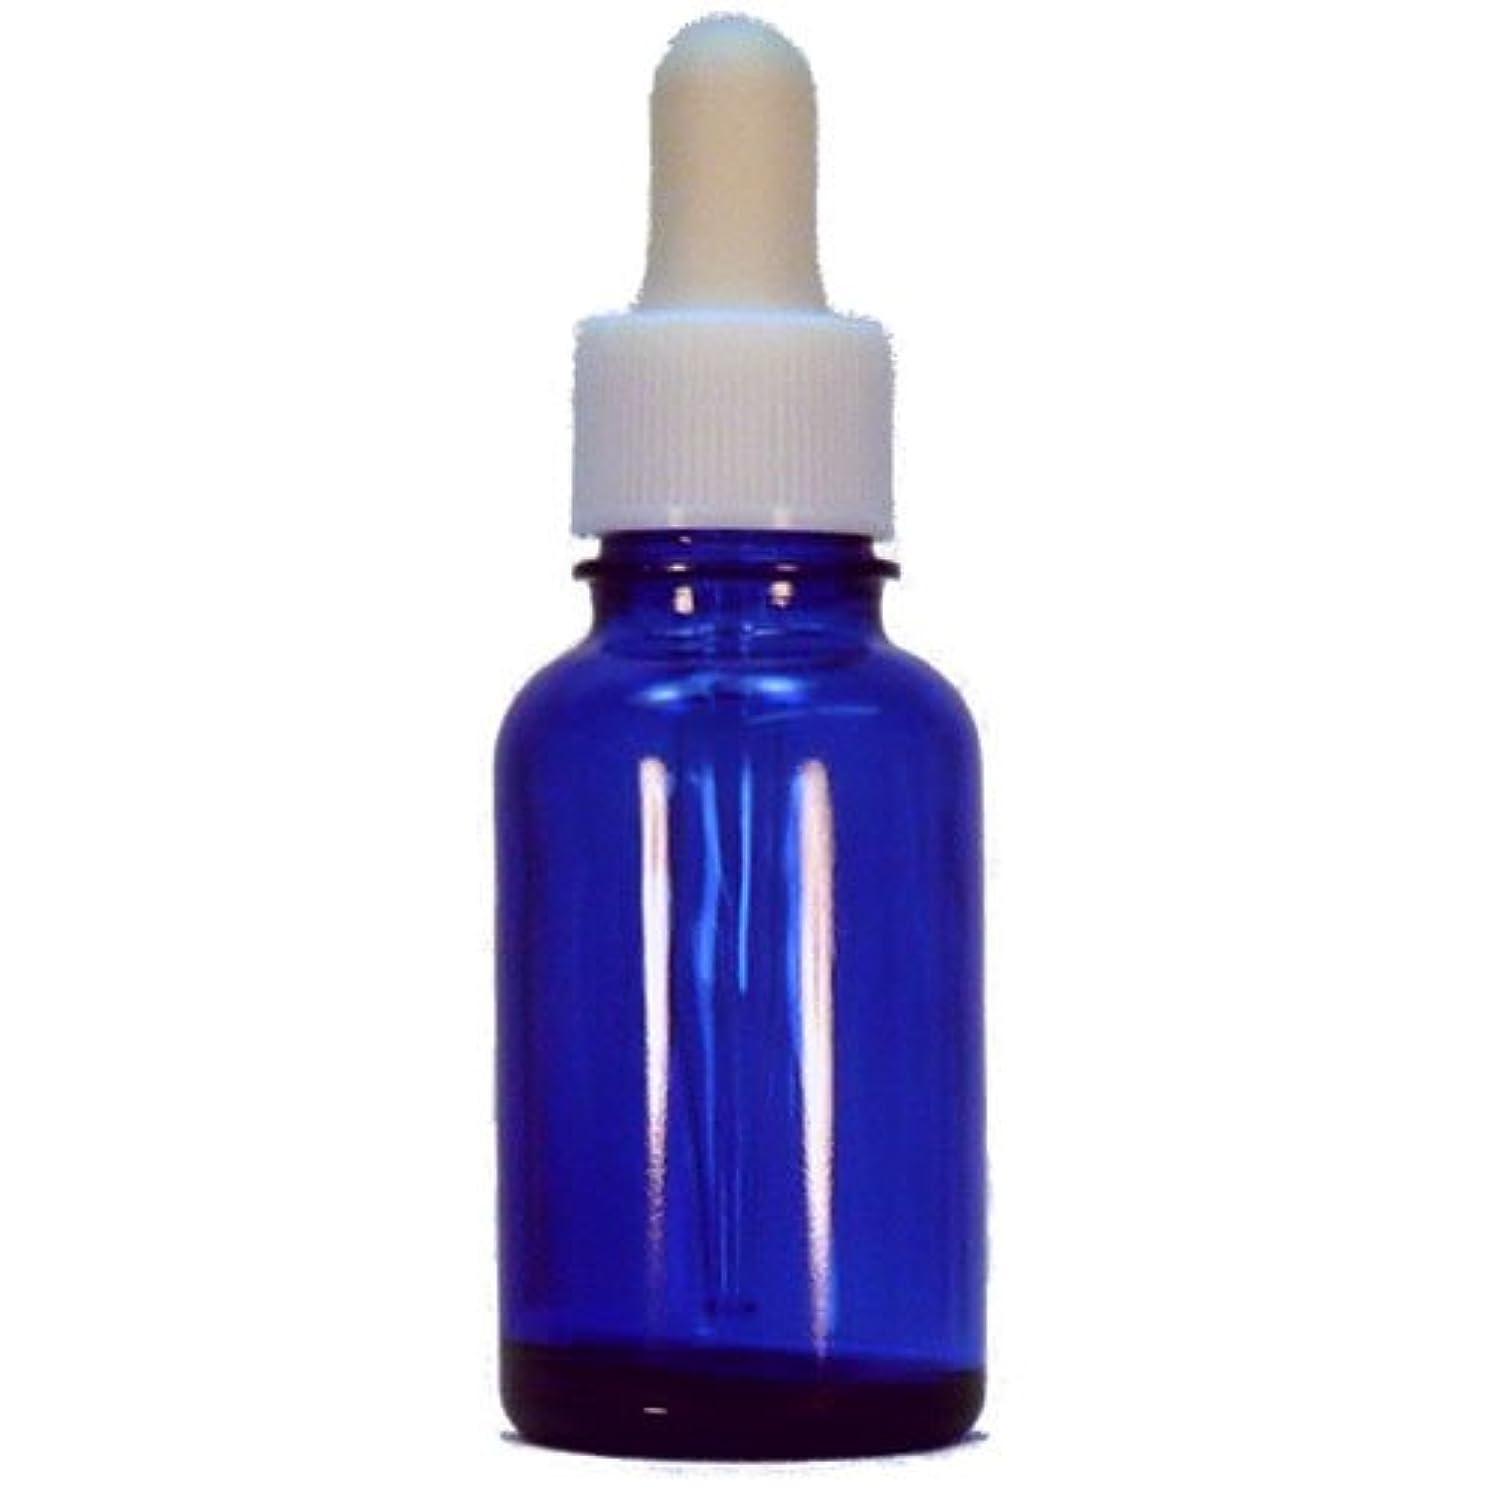 グリーンバックリストデザイナーミキシングボトル ブルー 10ml 3本セット